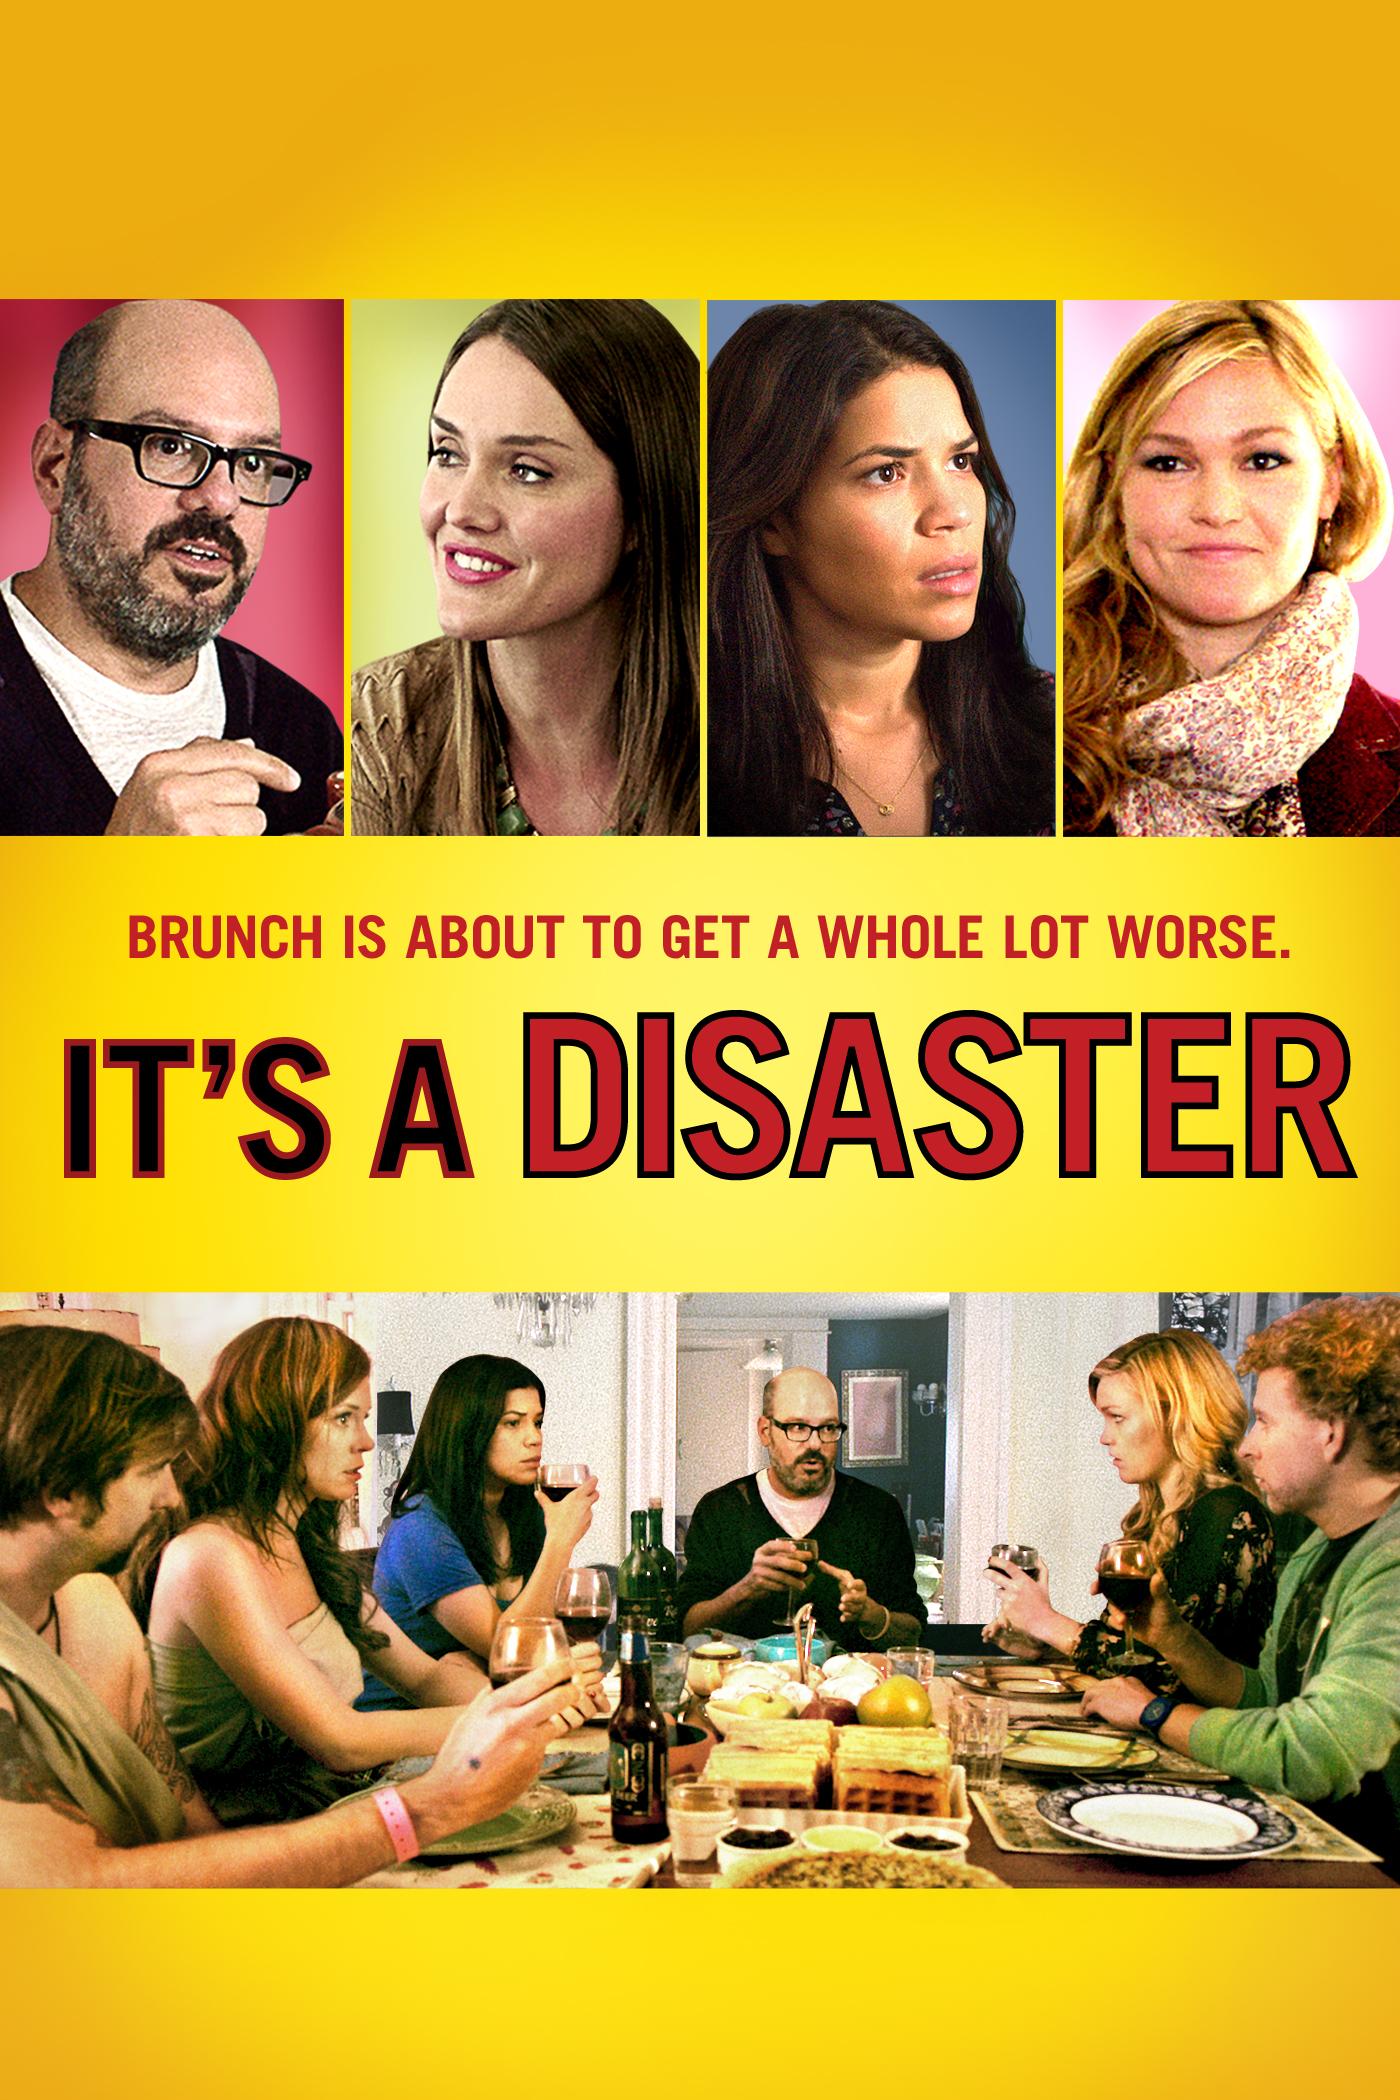 ეს არის კატასტროფა (ქართულად)  - It's a Disaster / Это катастрофа (2012)